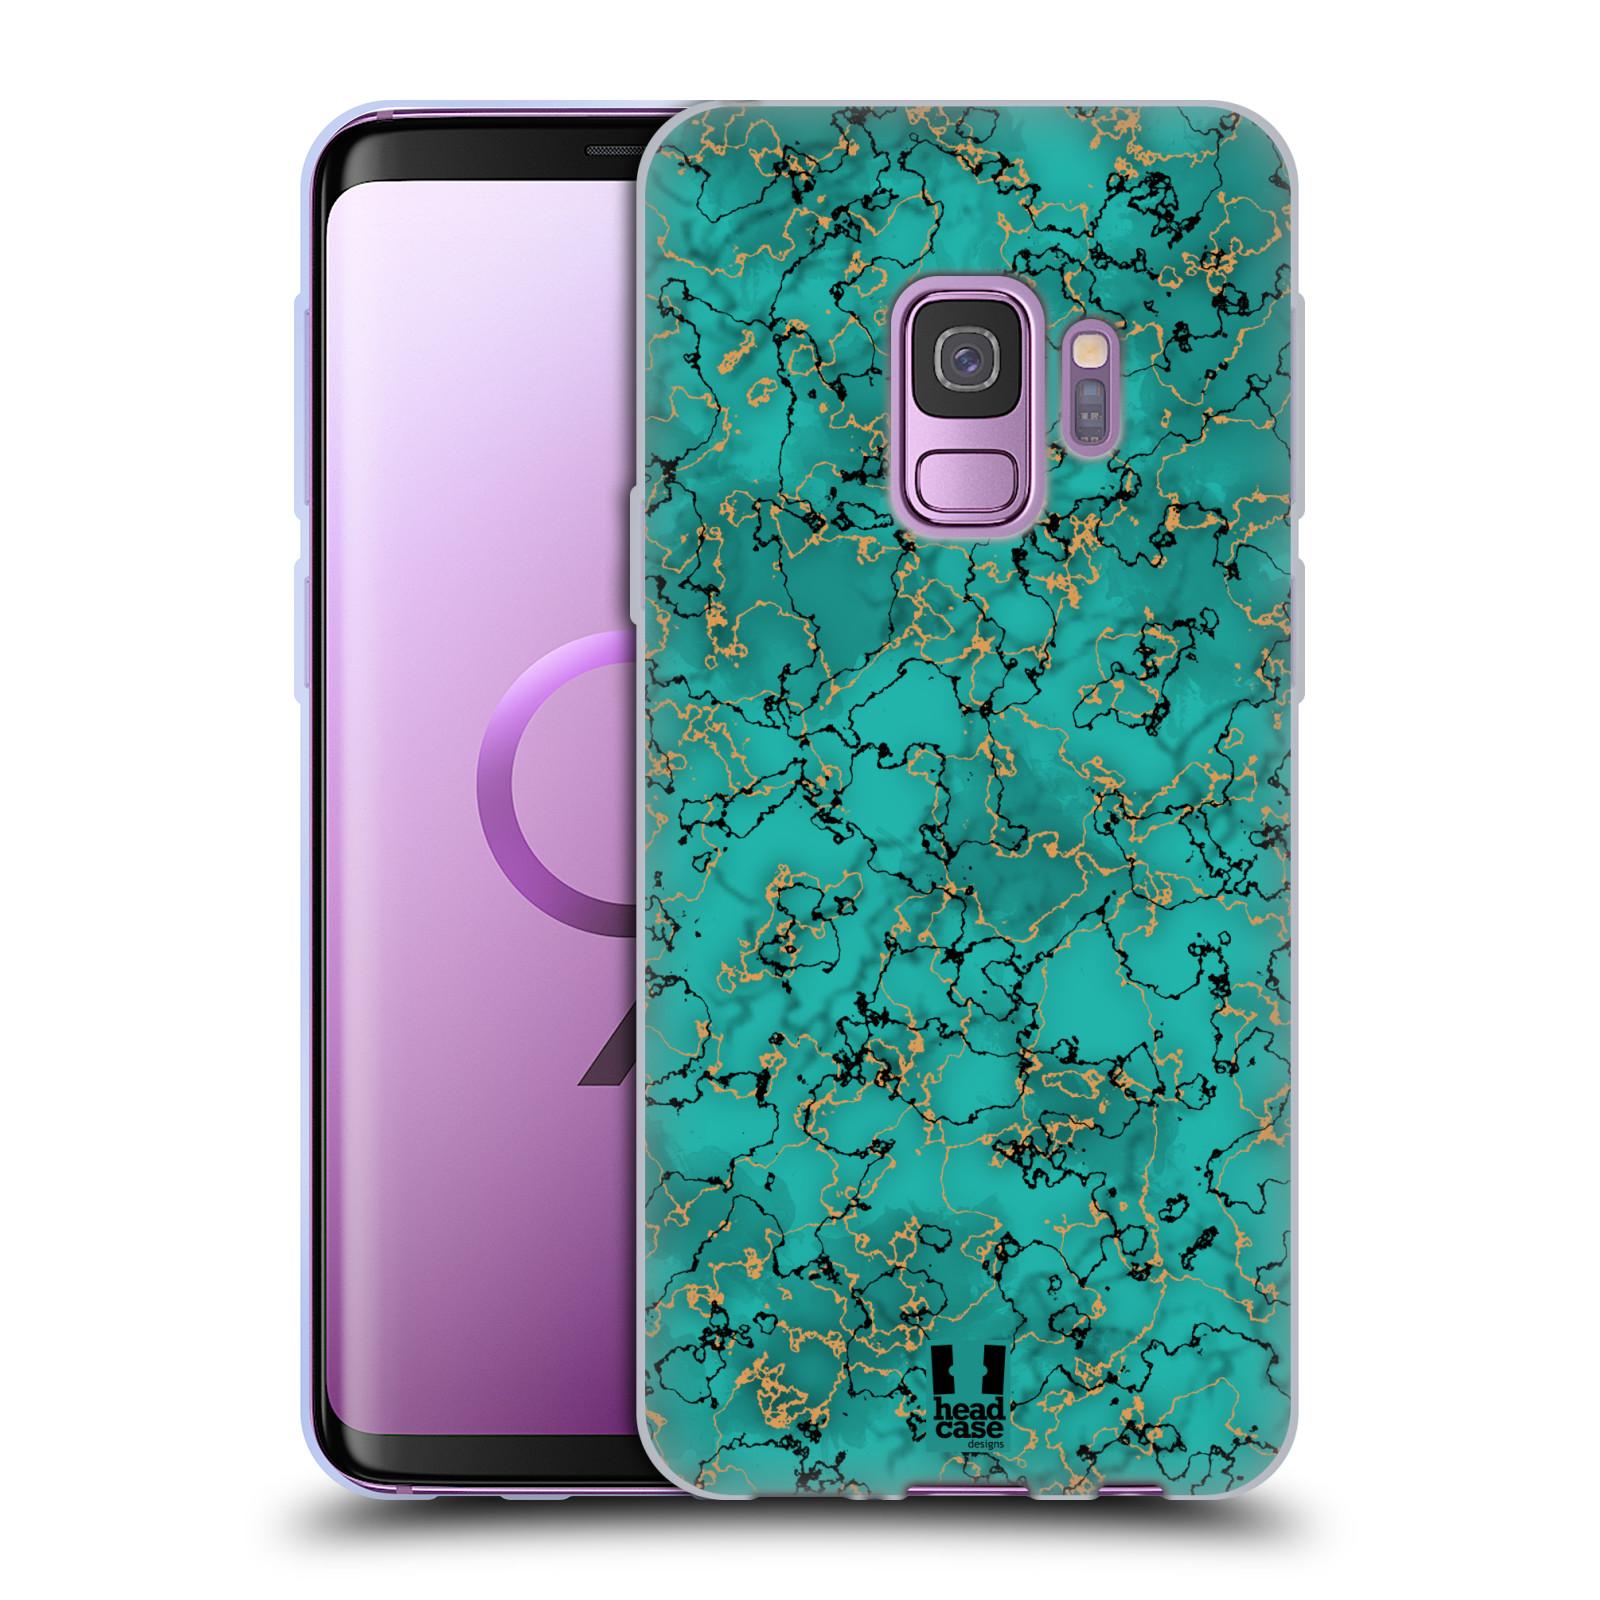 Funda-HEAD-CASE-DESIGNS-CON-Gel-Suave-impresiones-de-marmol-para-telefonos-Samsung-1